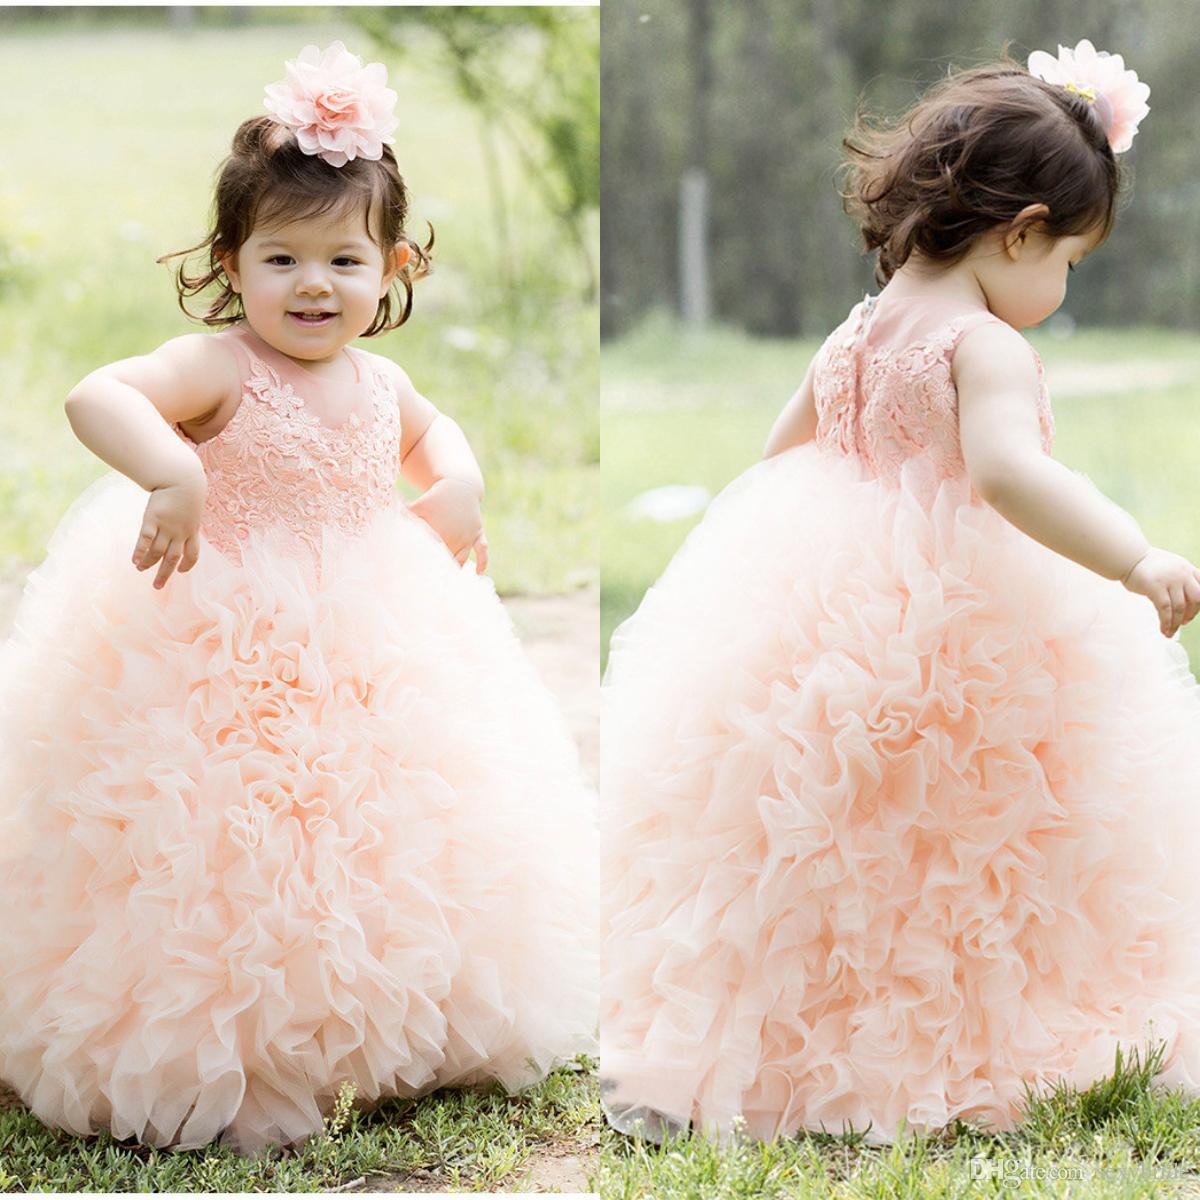 Sin Vestidos Con Color Mangas Fiesta Niños Lindos Encaje Rosa Para Vestido De Chicas Flores Apliques Niña kXOTiwZuP